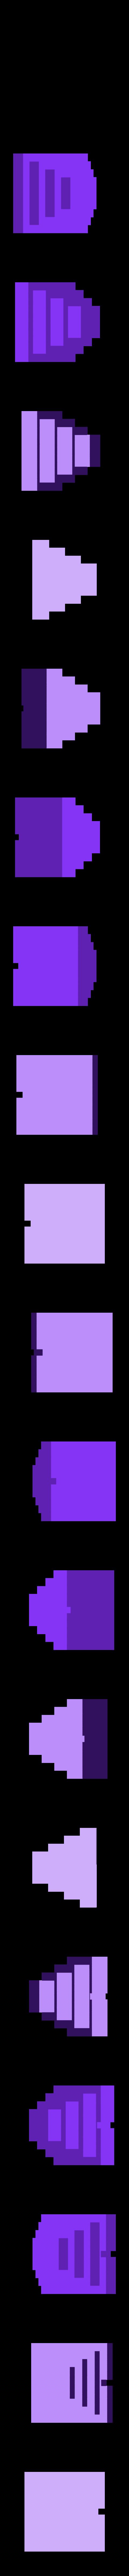 4_DimmensionalAccuracy.stl Télécharger fichier STL gratuit Marque : 2017 Fichiers de test d'imprimante 3D • Objet pour imprimante 3D, MAKE